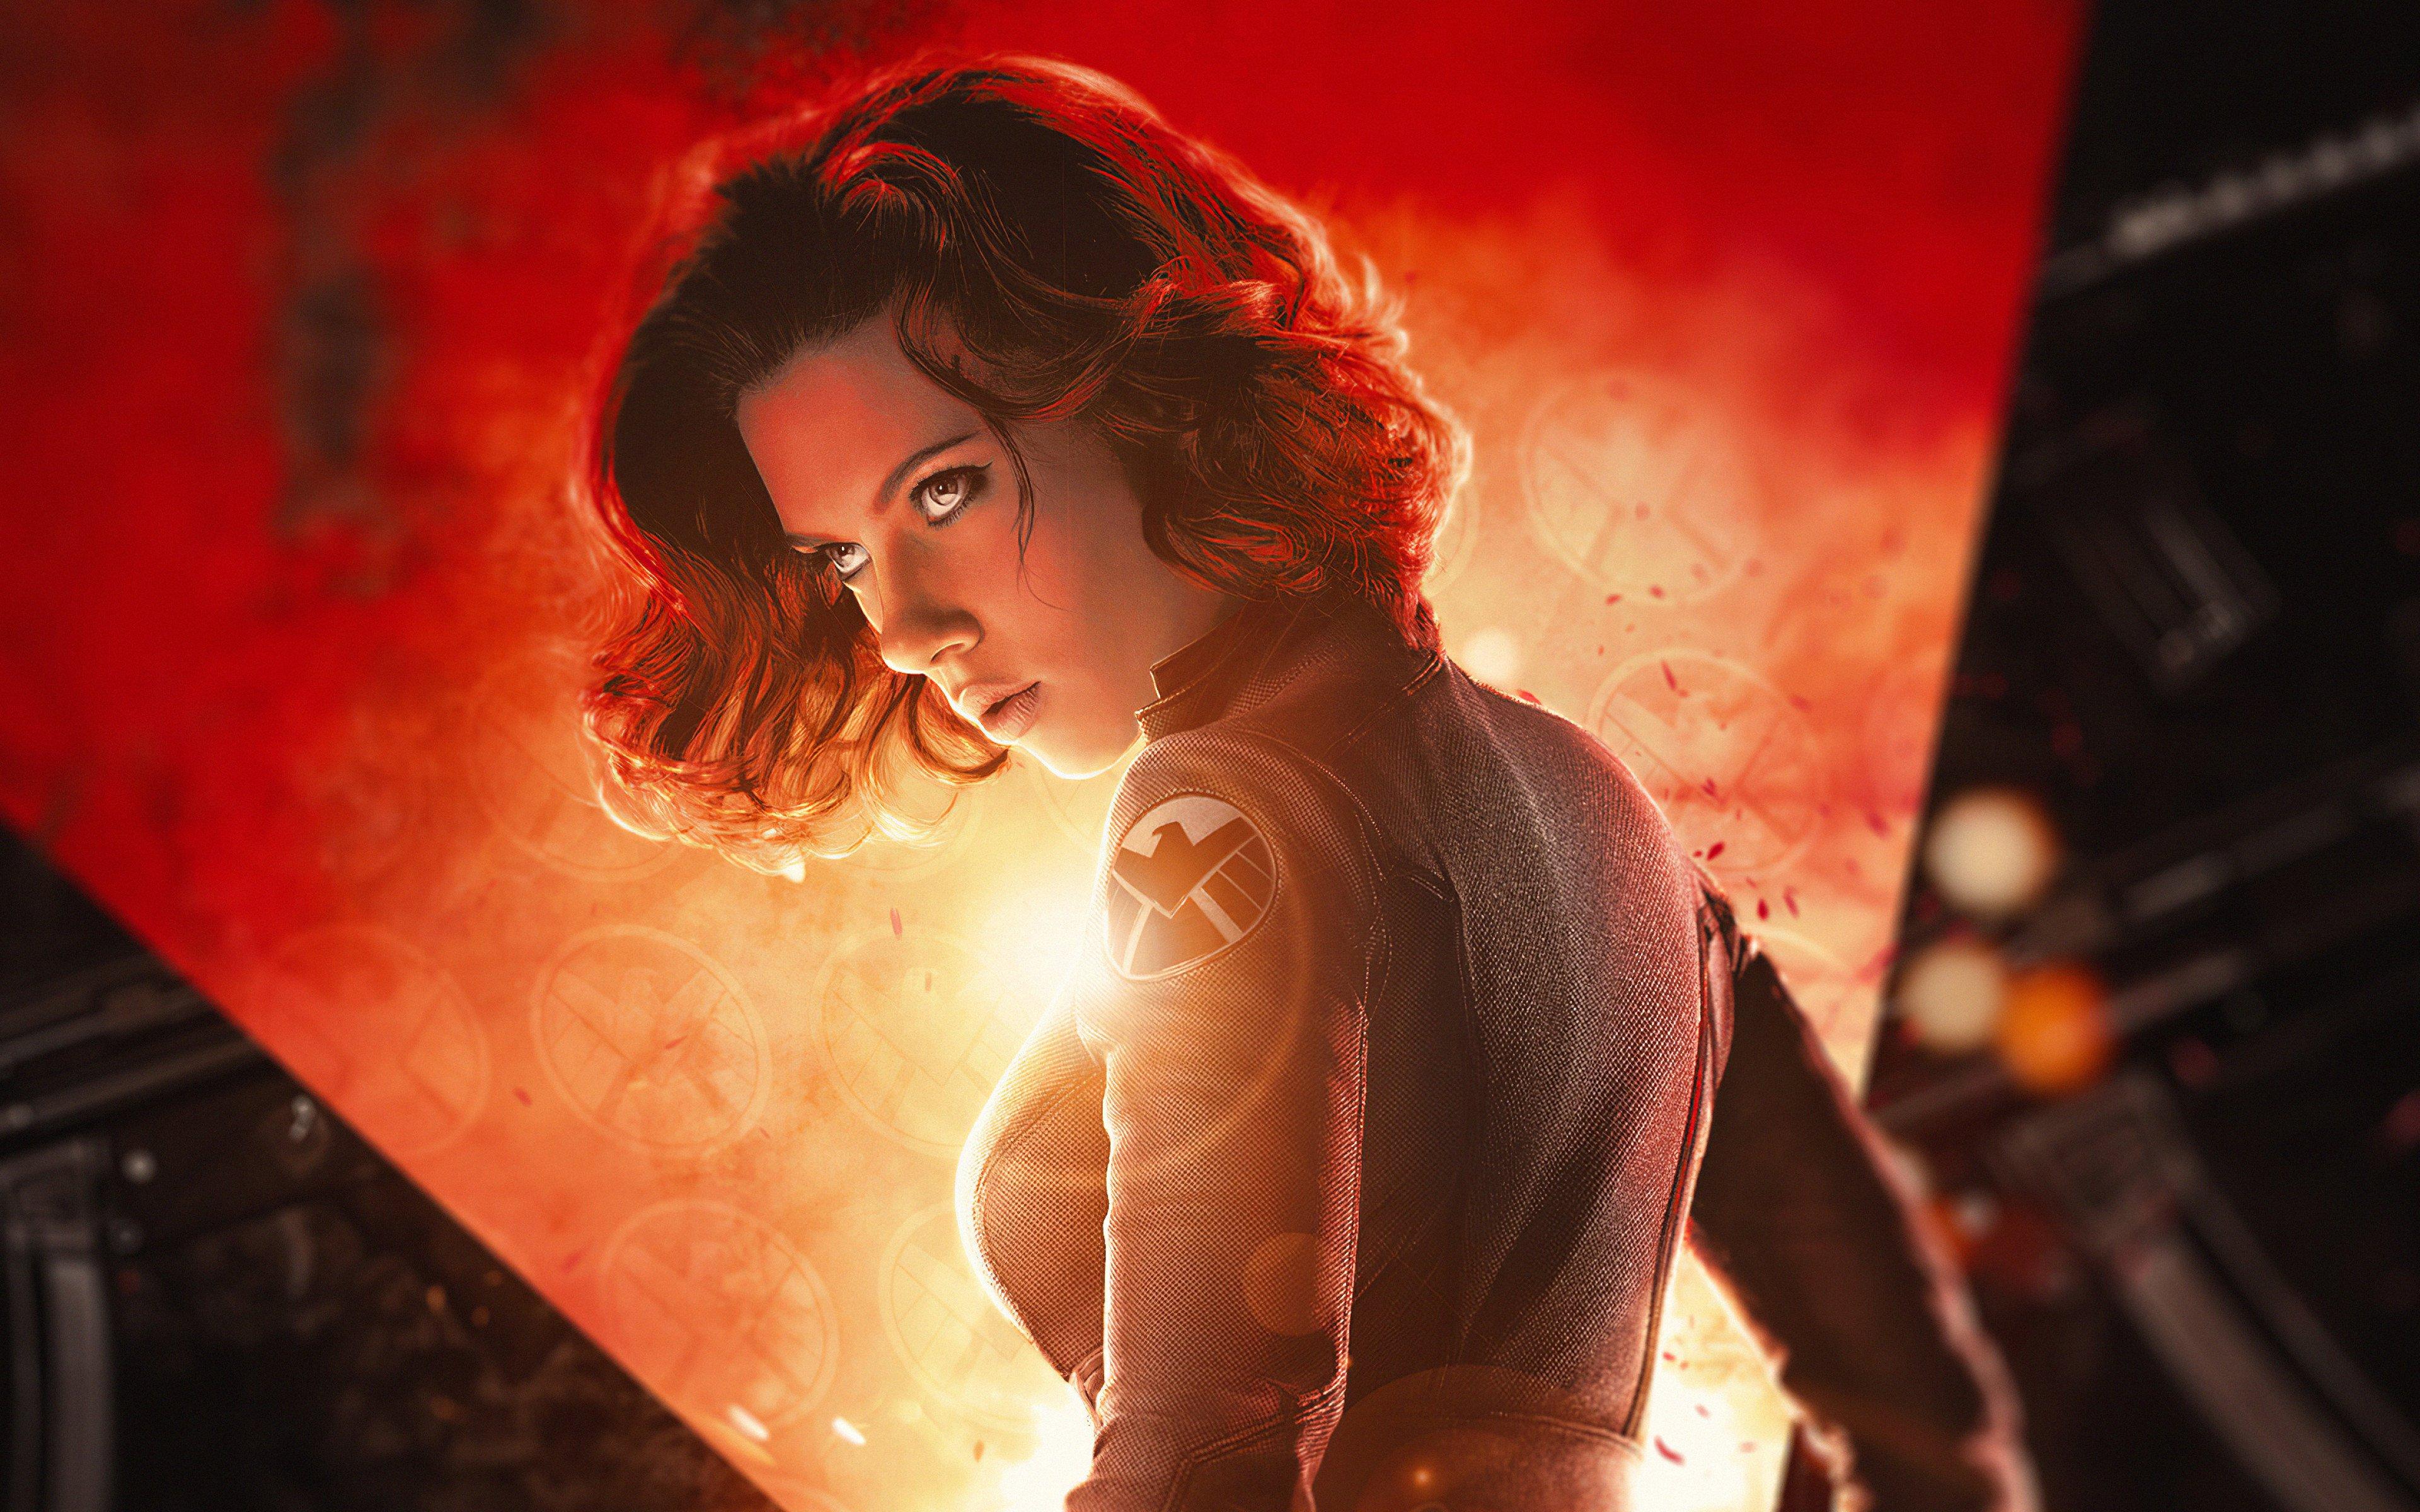 Fondos de pantalla Scarlett Johansson como personaje Viuda Negra